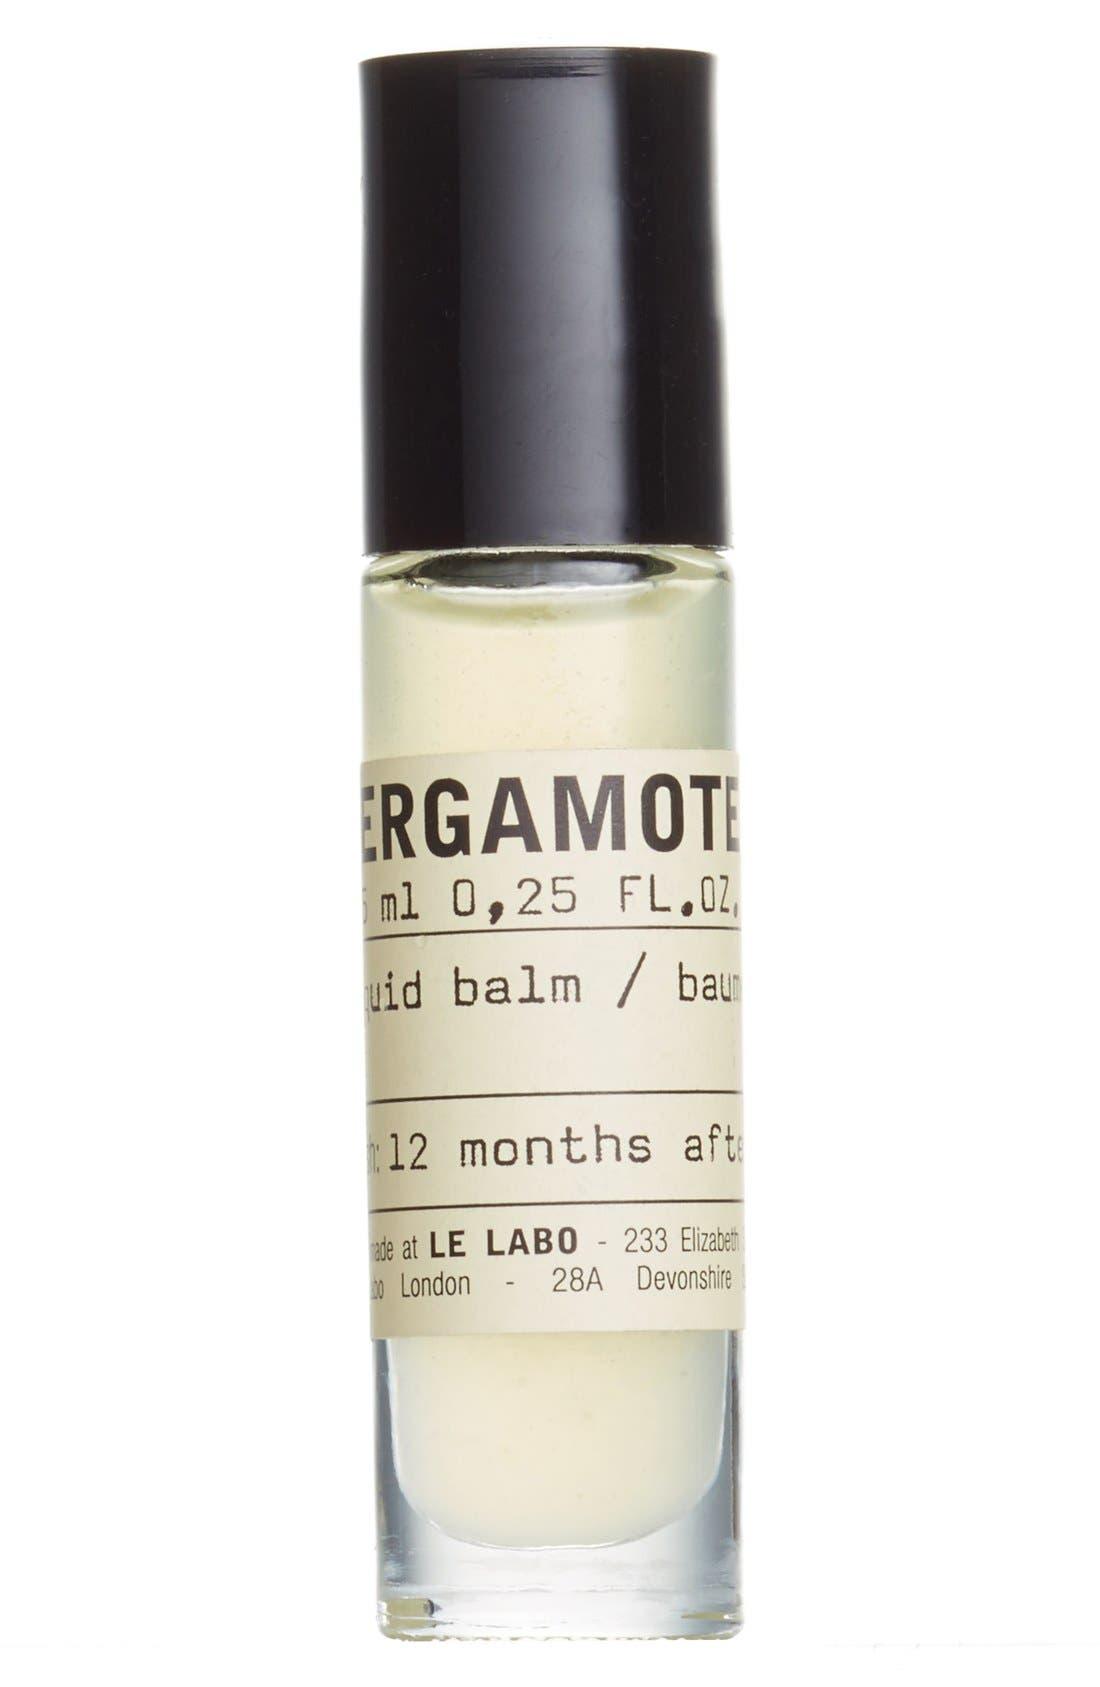 Le Labo 'Bergamote 22' Liquid Balm